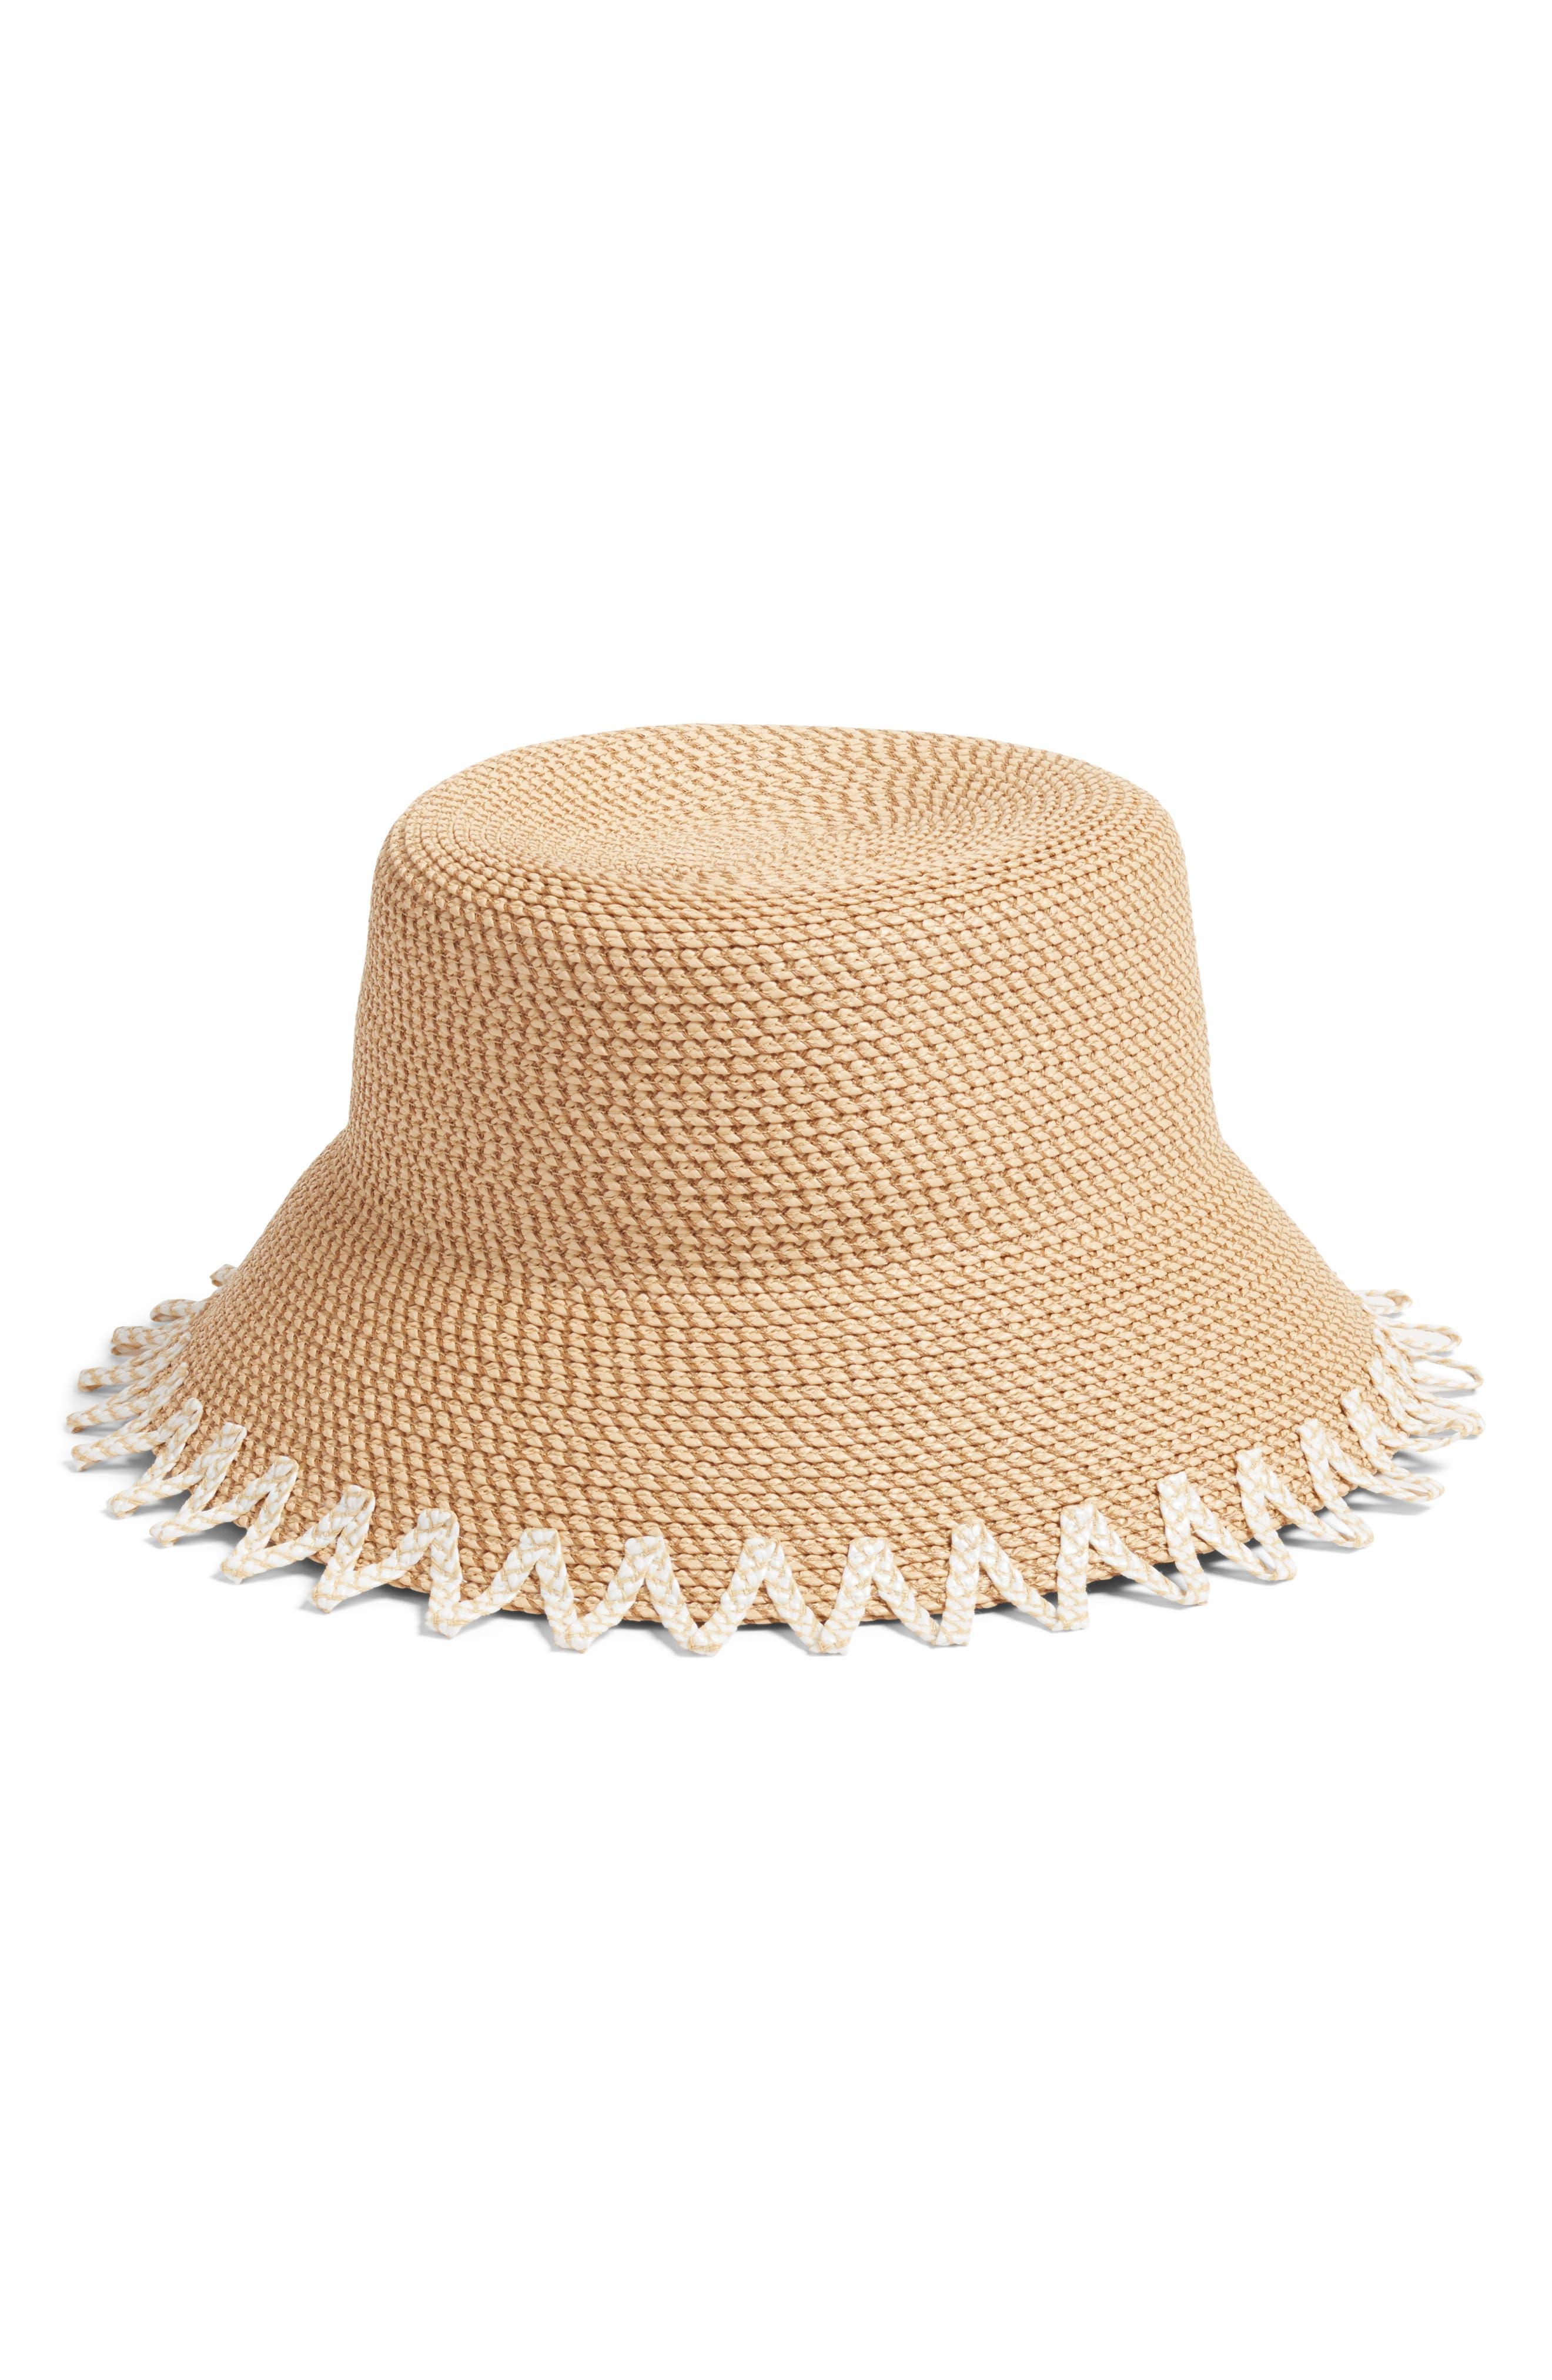 Eric Javits Hats ELOISE SQUISHEE BUCKET HAT - BROWN